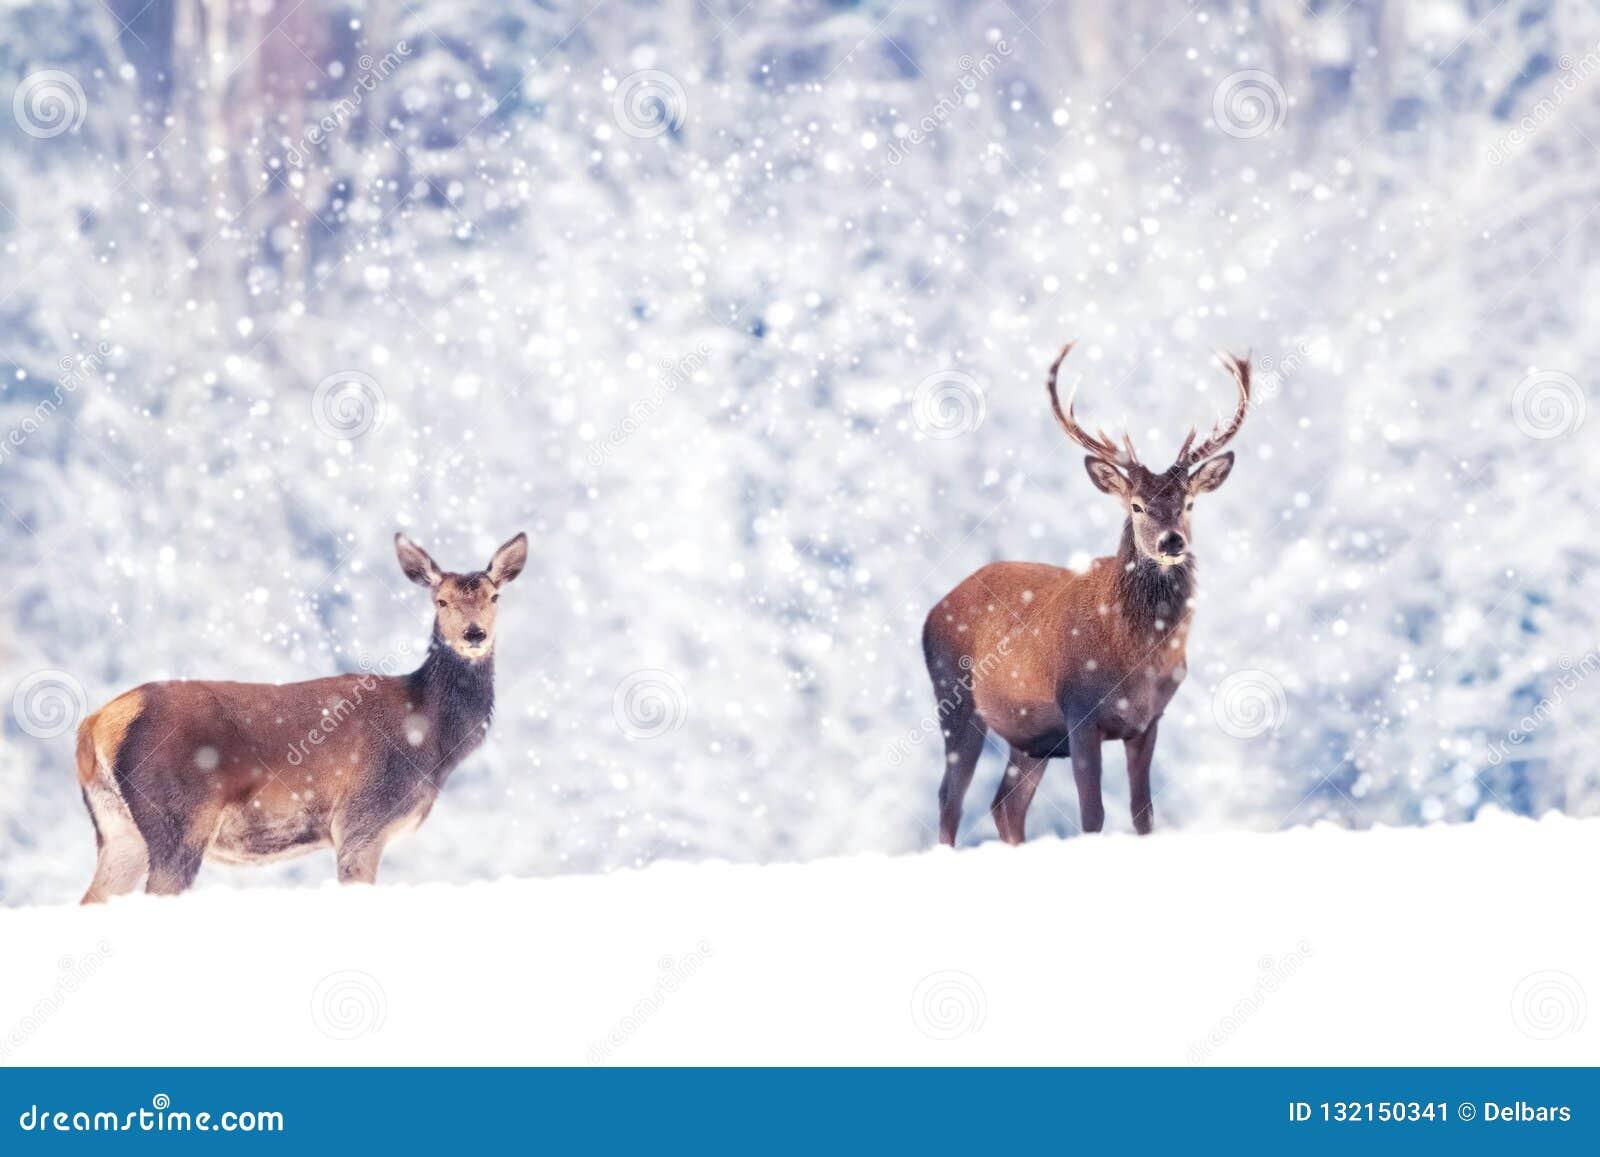 美丽的男性和母高尚的鹿在雪白色森林艺术性的圣诞节冬天图象 冬天妙境